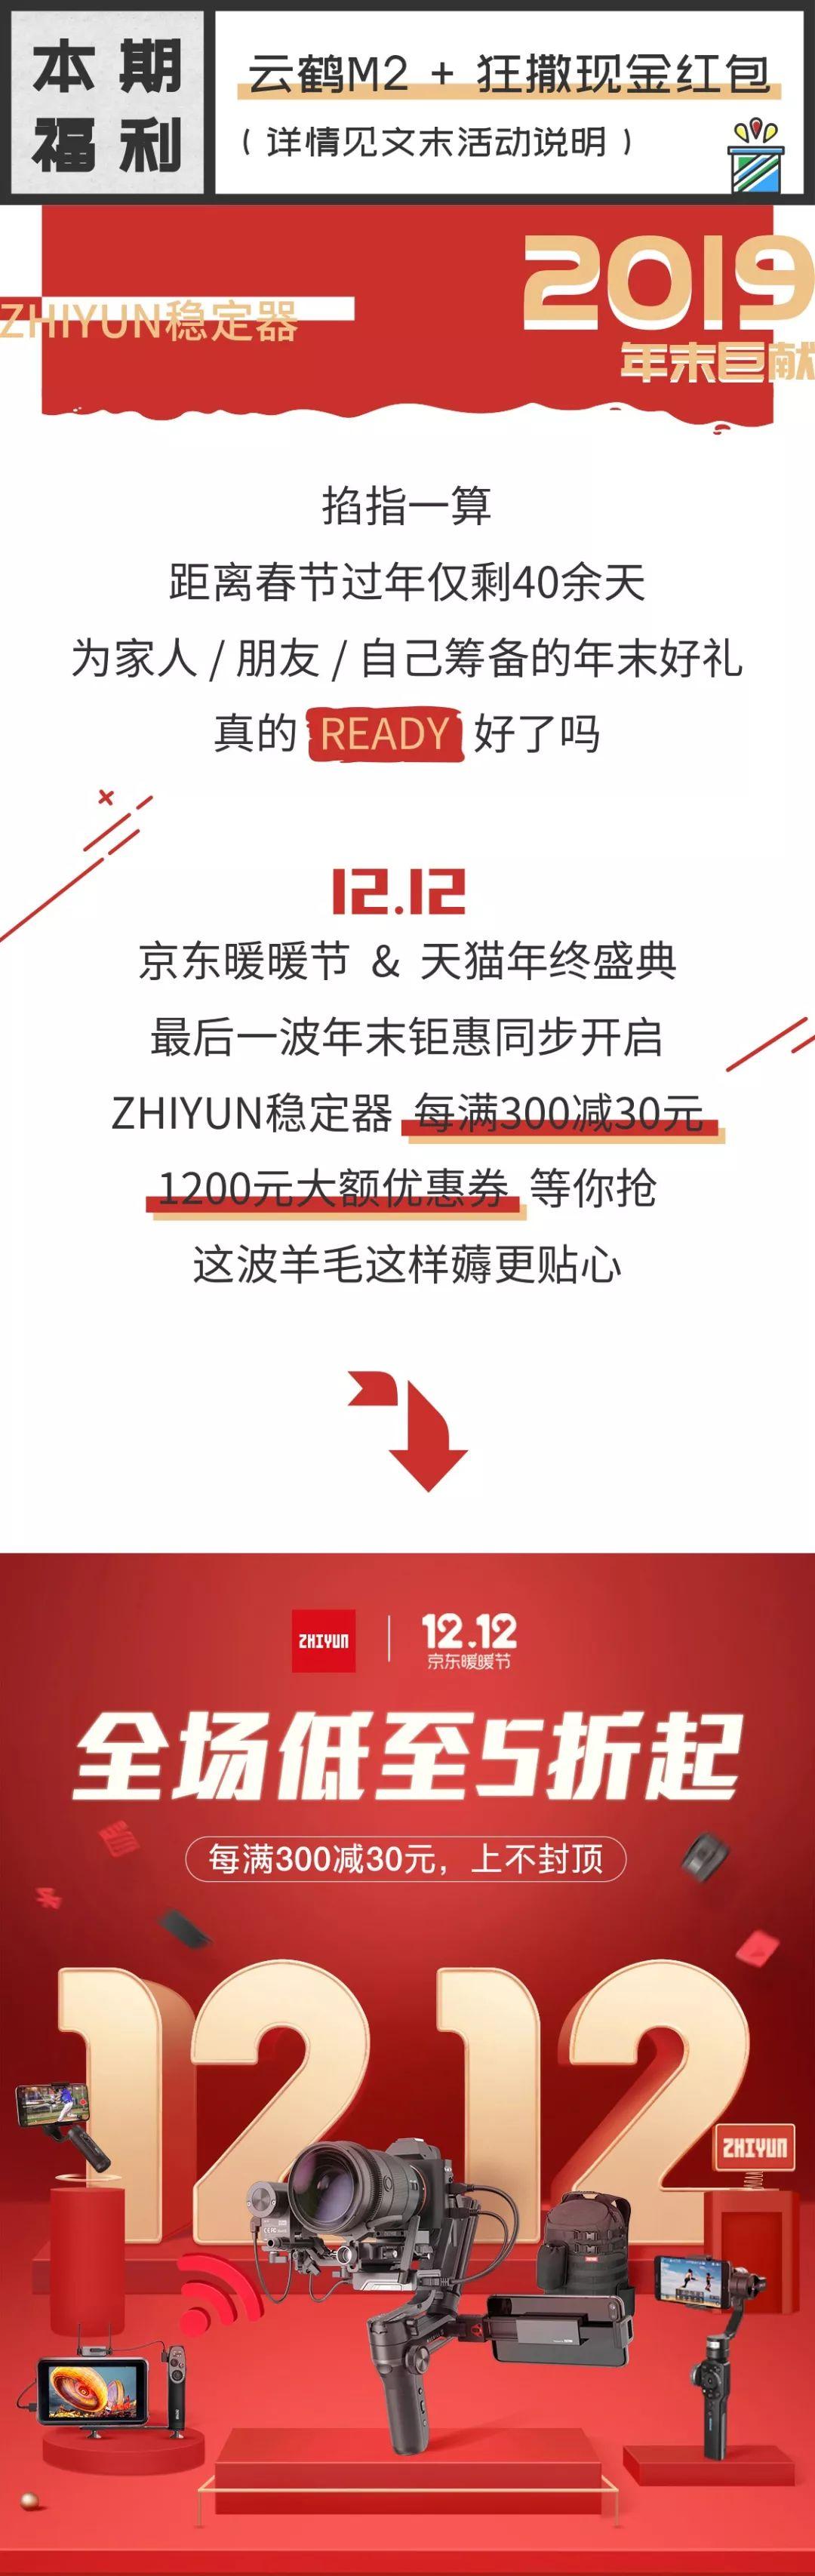 双12 | ZHIYUN年末钜惠到,1200元优惠券等你来抢